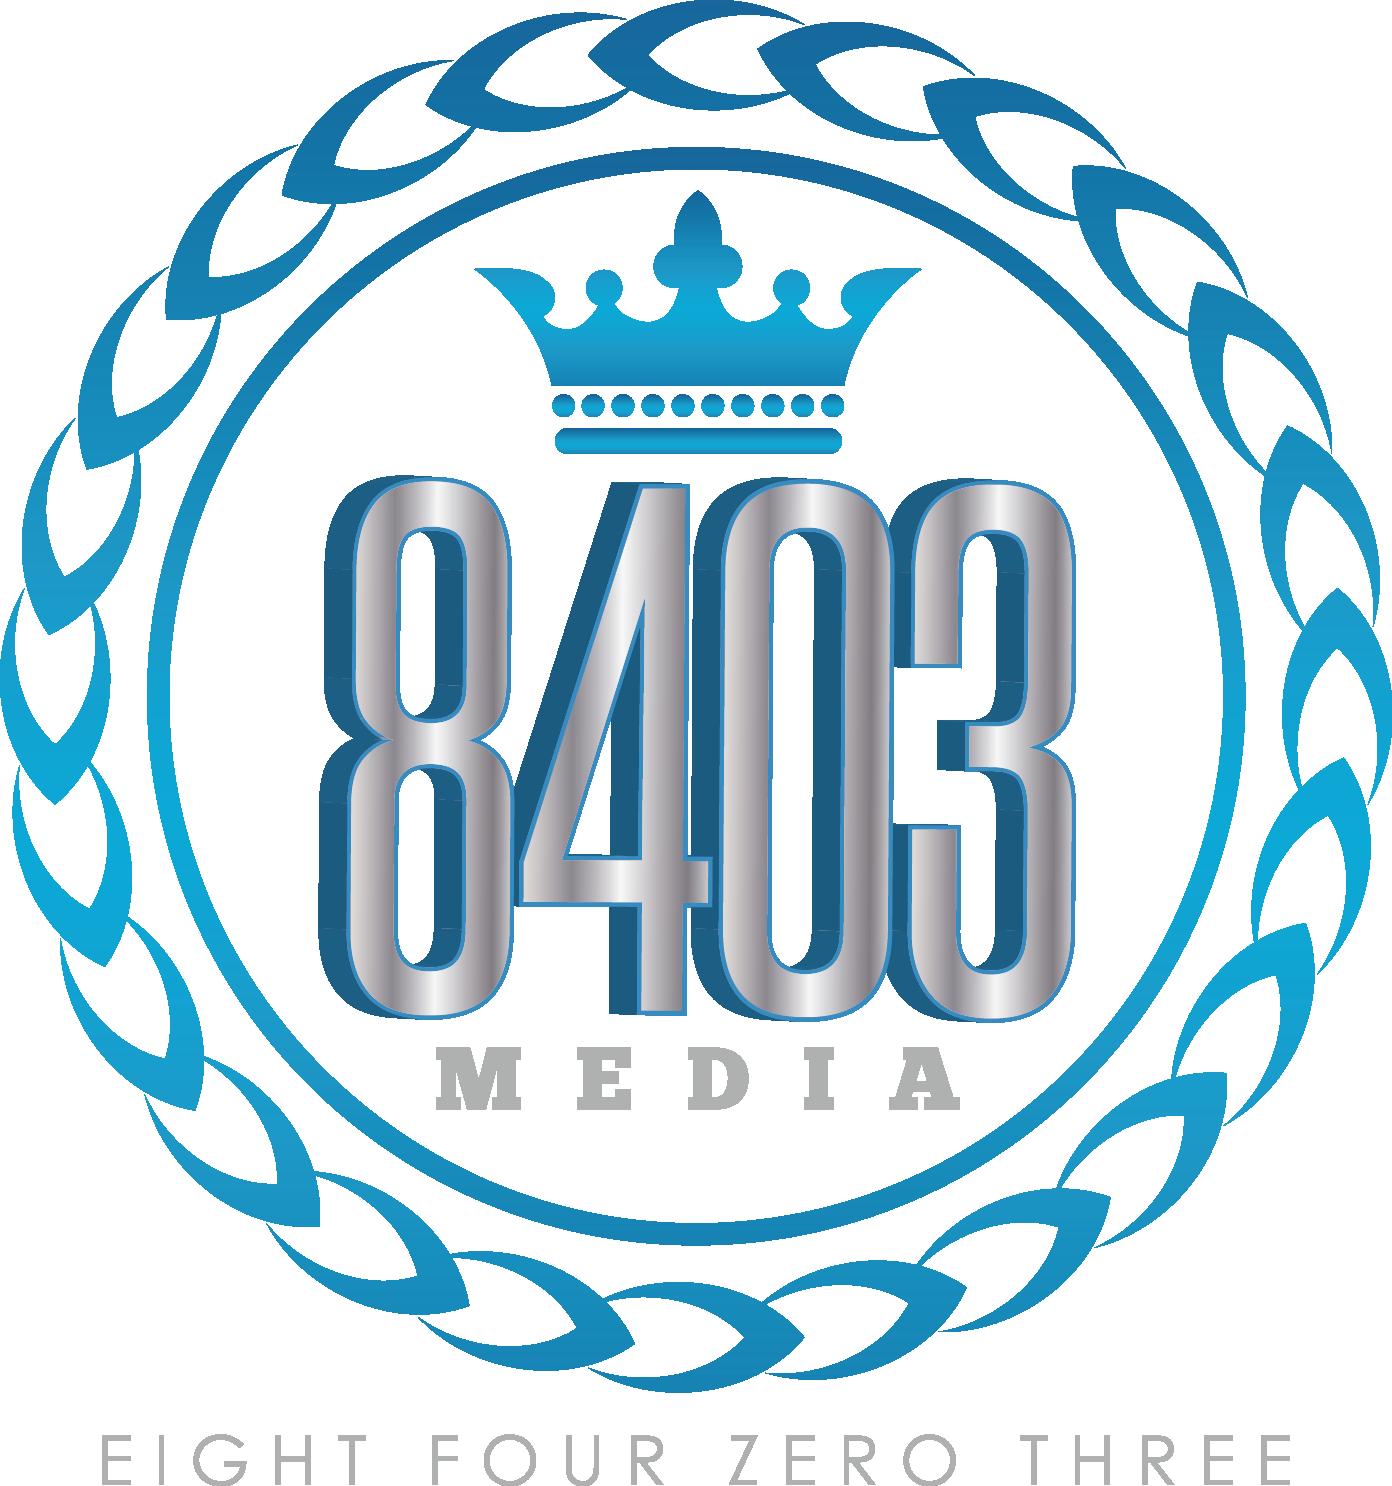 8403 Media